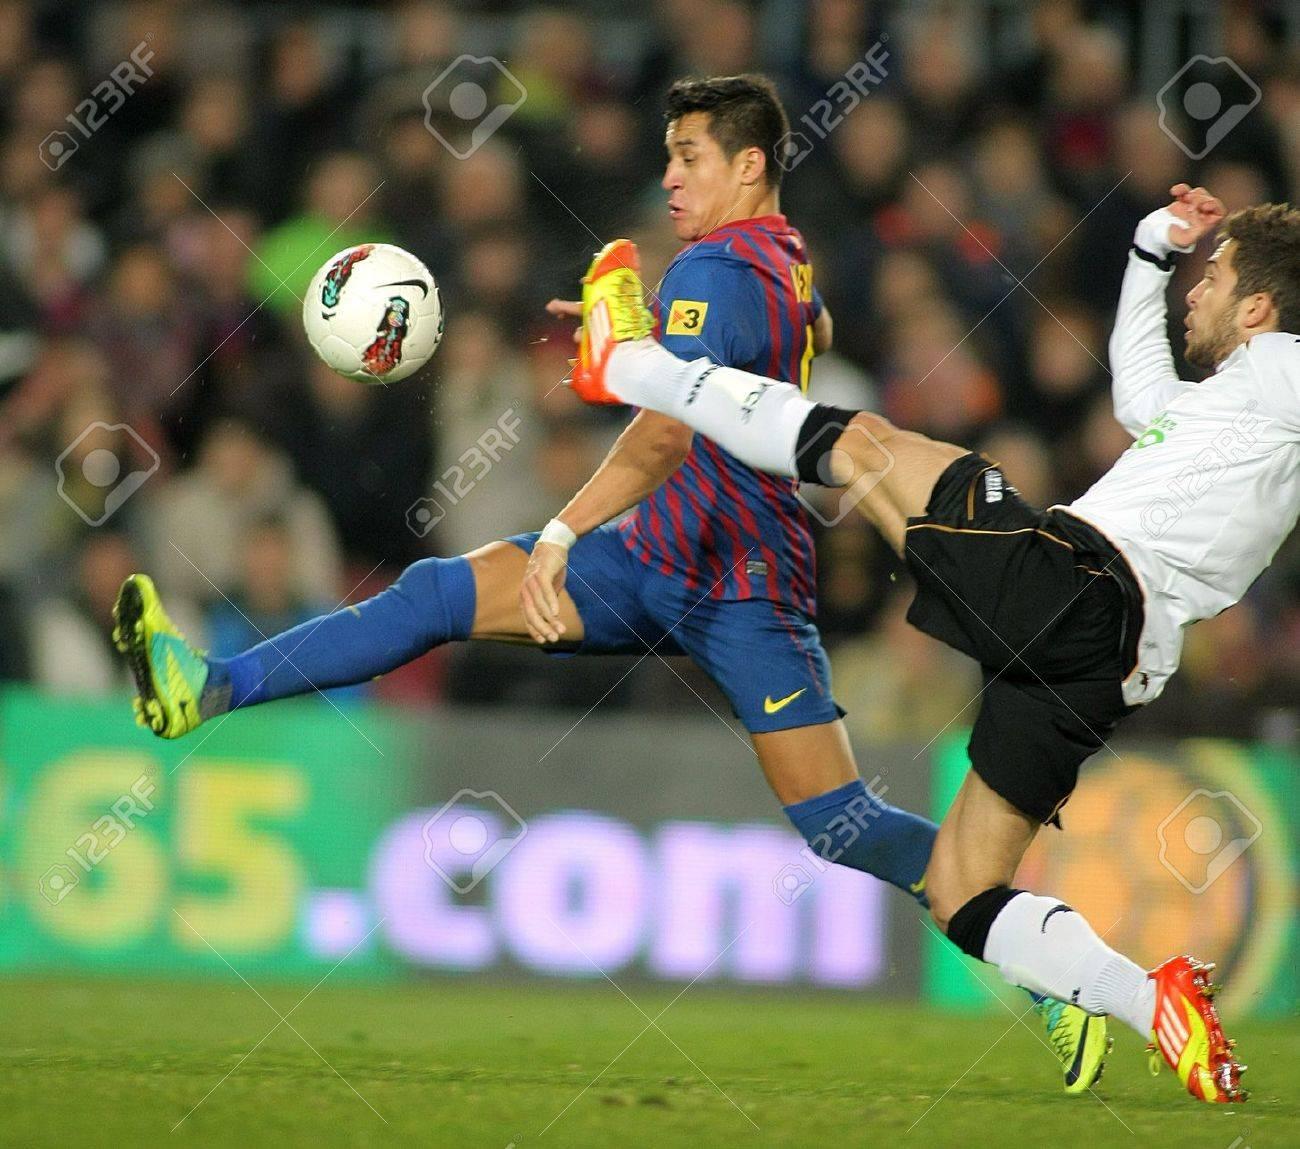 Alexis Sanchez L FC Barcelona Vies With Jordi Alba R